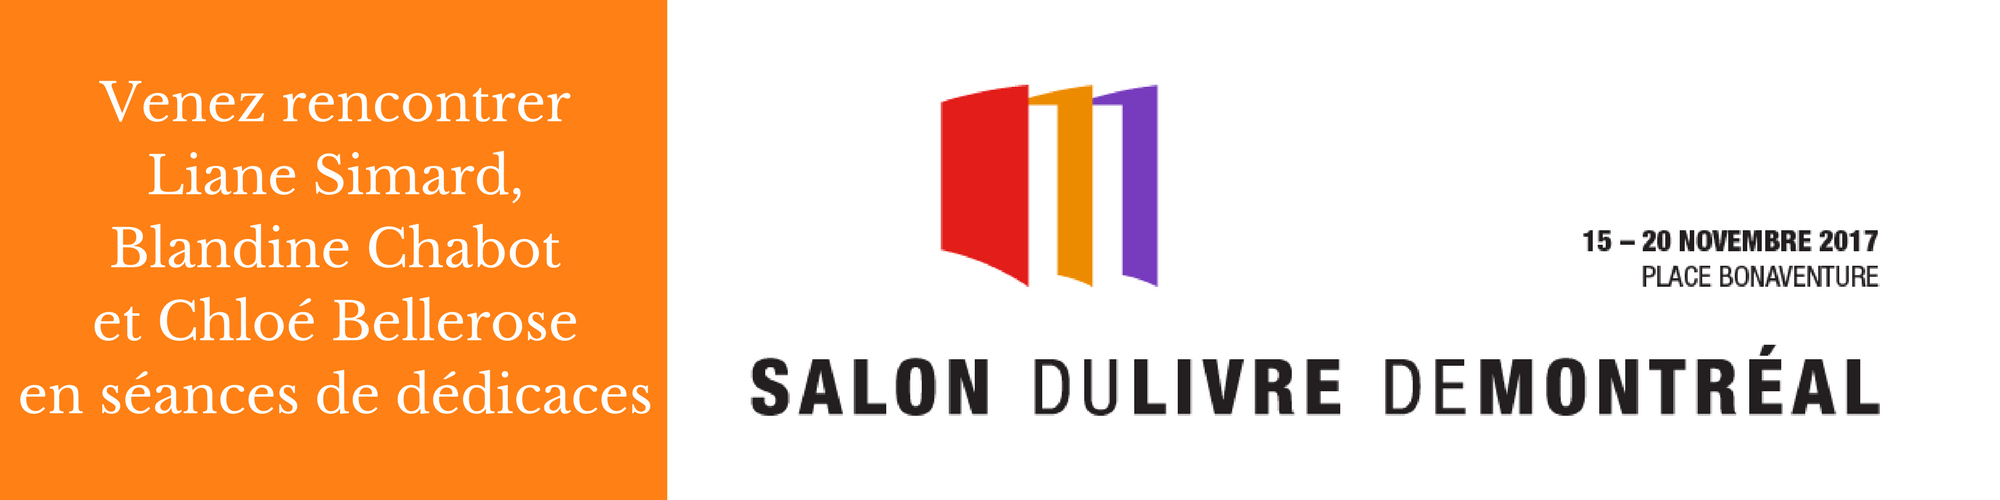 salon du livre montréal 2017 place bonaventure dédicaces